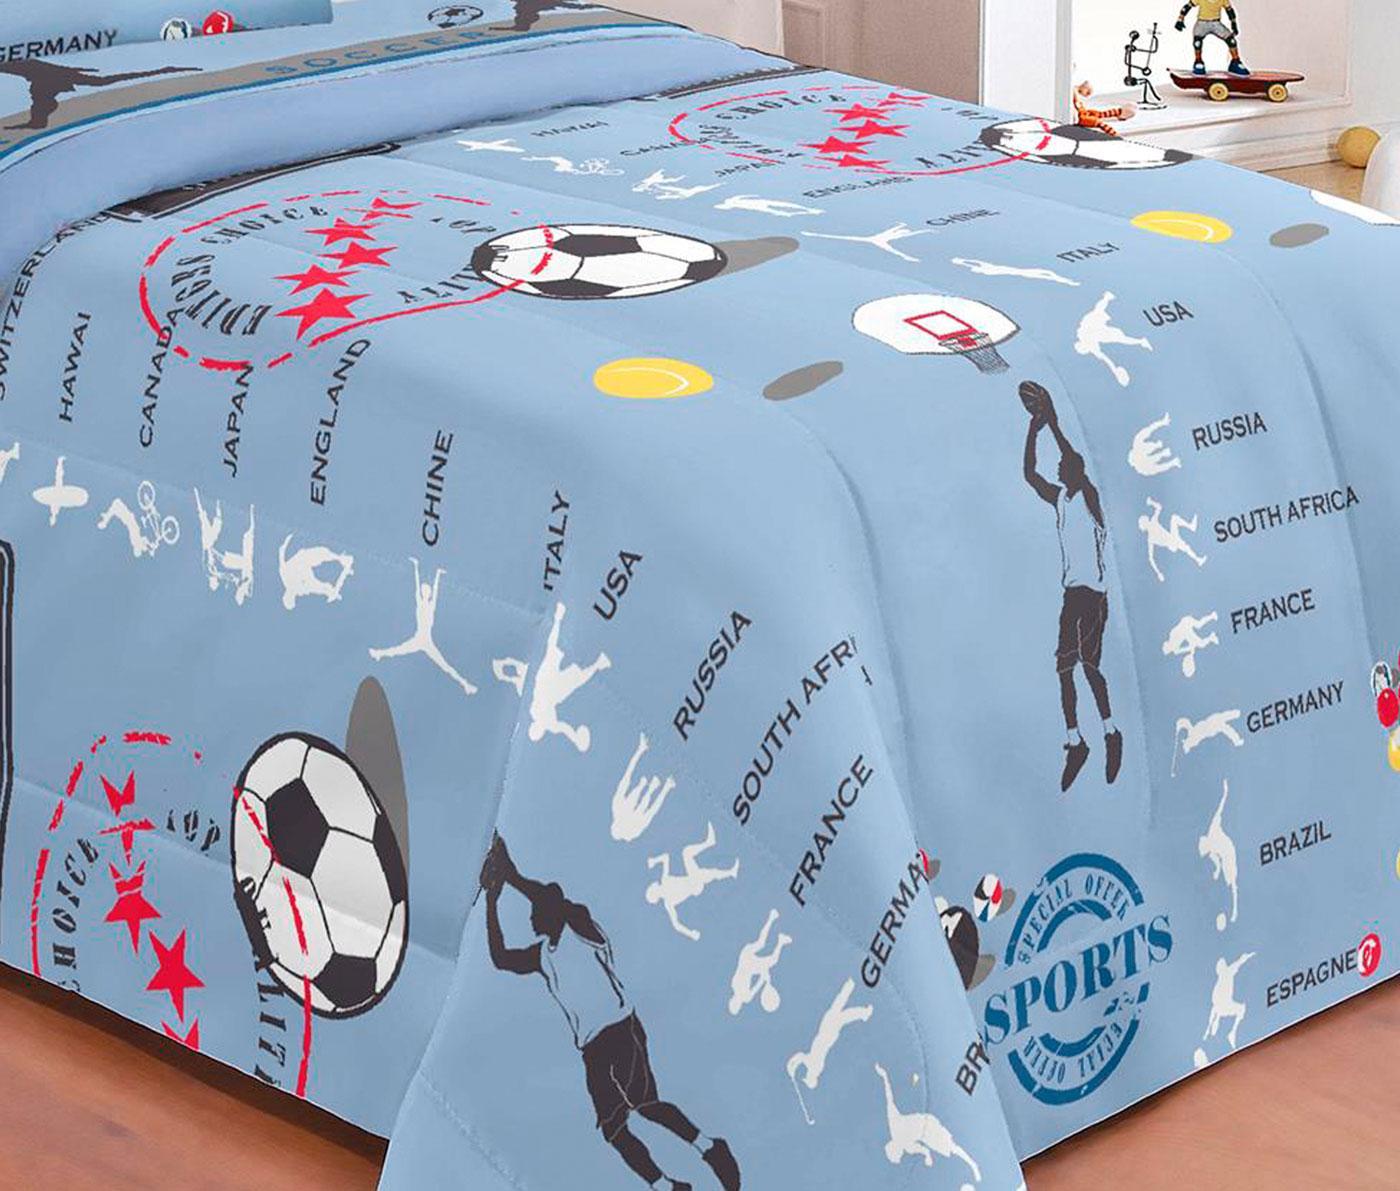 cf7de89713 Kit Edredom Solteiro + Jogo de Cama Sports 100 Algodão 05 Peças - Azul - Borda  bordados enxovais R  119